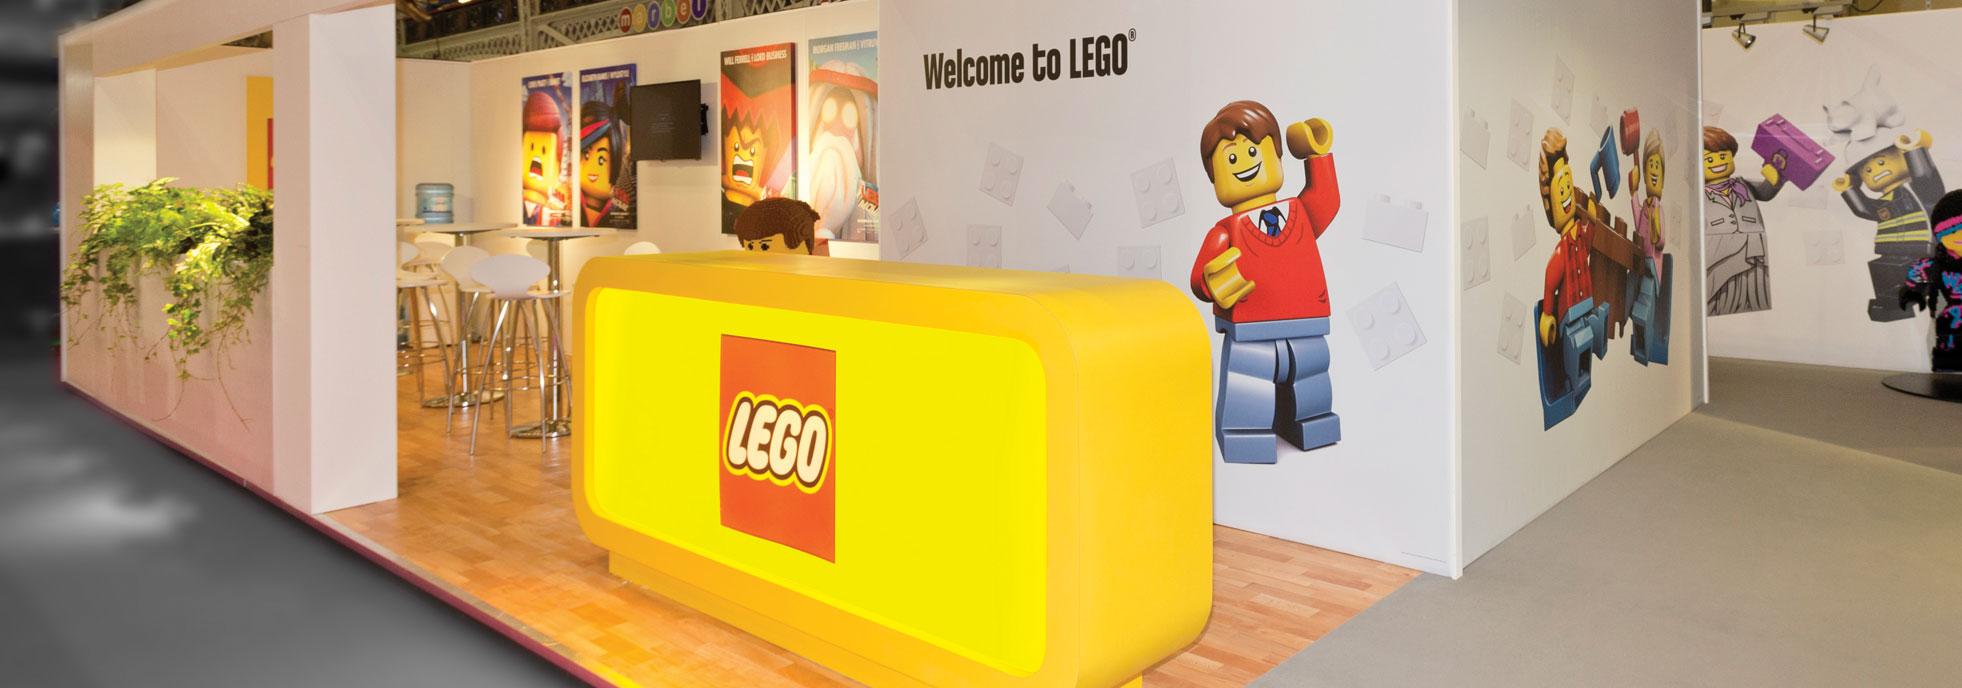 lego-home | Exhibit3sixty